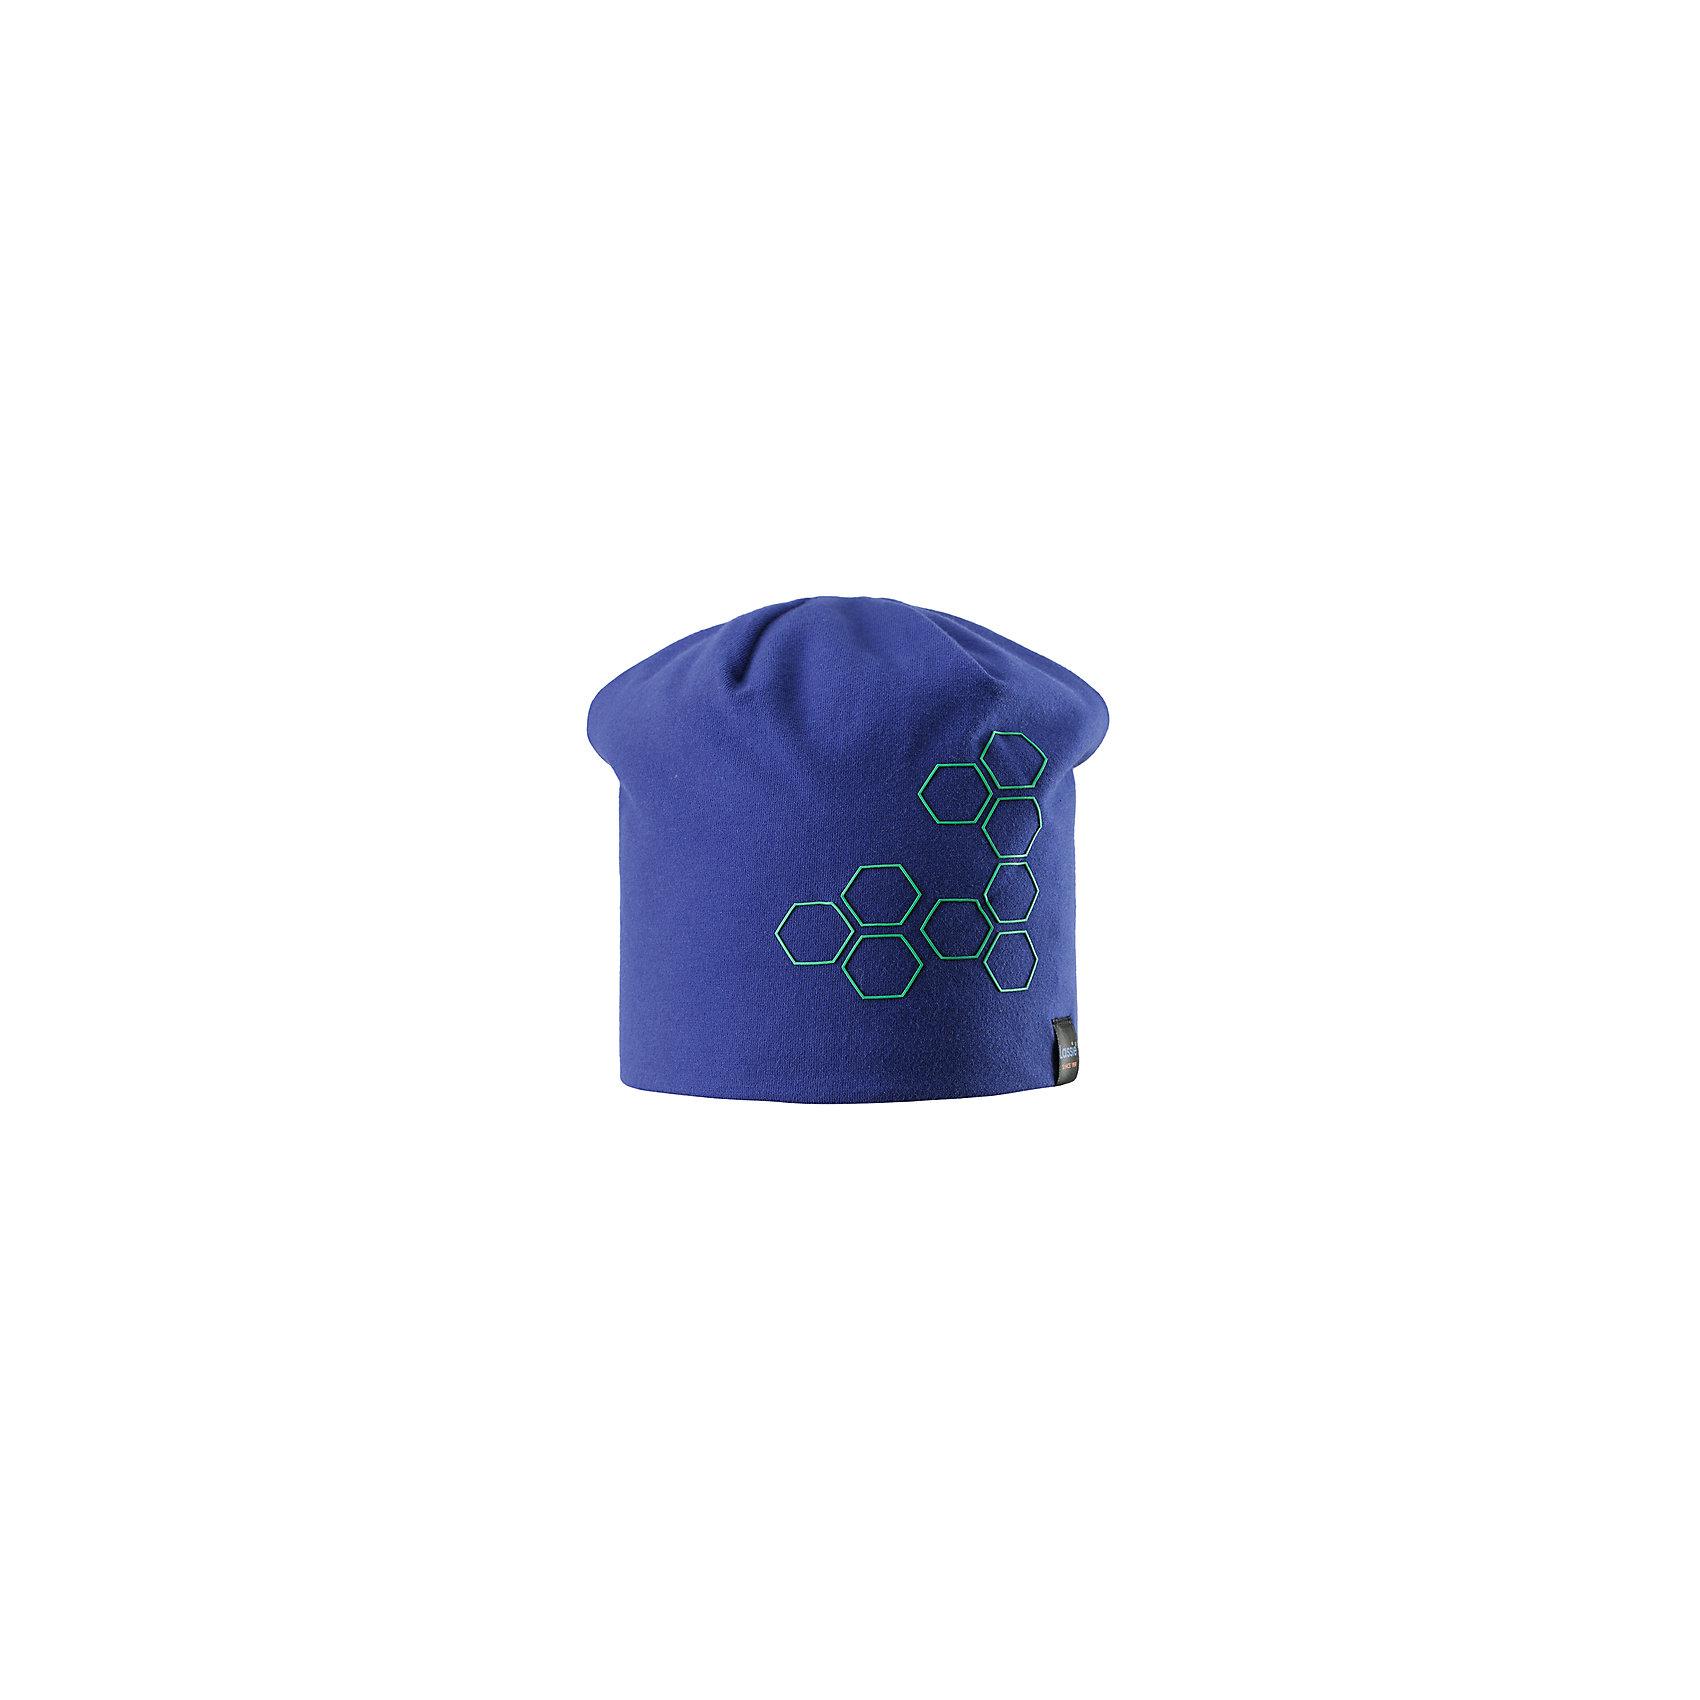 Шапка  LASSIEШапки и шарфы<br>Характеристики товара:<br><br>• цвет: синий<br>• состав: 95% хлопок, 5% эластан<br>• эластичный материал<br>• мягкая сплошная подкладка: флис<br>• принт<br>• ветронепроницаемые вставки в области ушей<br>• декоративная эмблема<br>• комфортная посадка<br>• страна производства: Китай<br>• страна бренда: Финляндия<br>• коллекция: весна-лето 2017<br><br>Детский головной убор может быть модным и удобным одновременно! Стильная шапка поможет обеспечить ребенку комфорт и дополнить наряд. Она отлично смотрится с различной одеждой. Шапка удобно сидит и аккуратно выглядит. Проста в уходе, долго служит. Продуманный крой разрабатывался специально для детей.<br><br>Обувь и одежда от финского бренда LASSIE пользуются популярностью во многих странах. Они стильные, качественные и удобные. Для производства продукции используются только безопасные, проверенные материалы и фурнитура. Порадуйте ребенка модными и красивыми вещами от Lassie®! <br><br>Шапку от финского бренда LASSIE можно купить в нашем интернет-магазине.<br><br>Ширина мм: 89<br>Глубина мм: 117<br>Высота мм: 44<br>Вес г: 155<br>Цвет: синий<br>Возраст от месяцев: 72<br>Возраст до месяцев: 120<br>Пол: Унисекс<br>Возраст: Детский<br>Размер: 54-56,46-48,50-52<br>SKU: 5264123